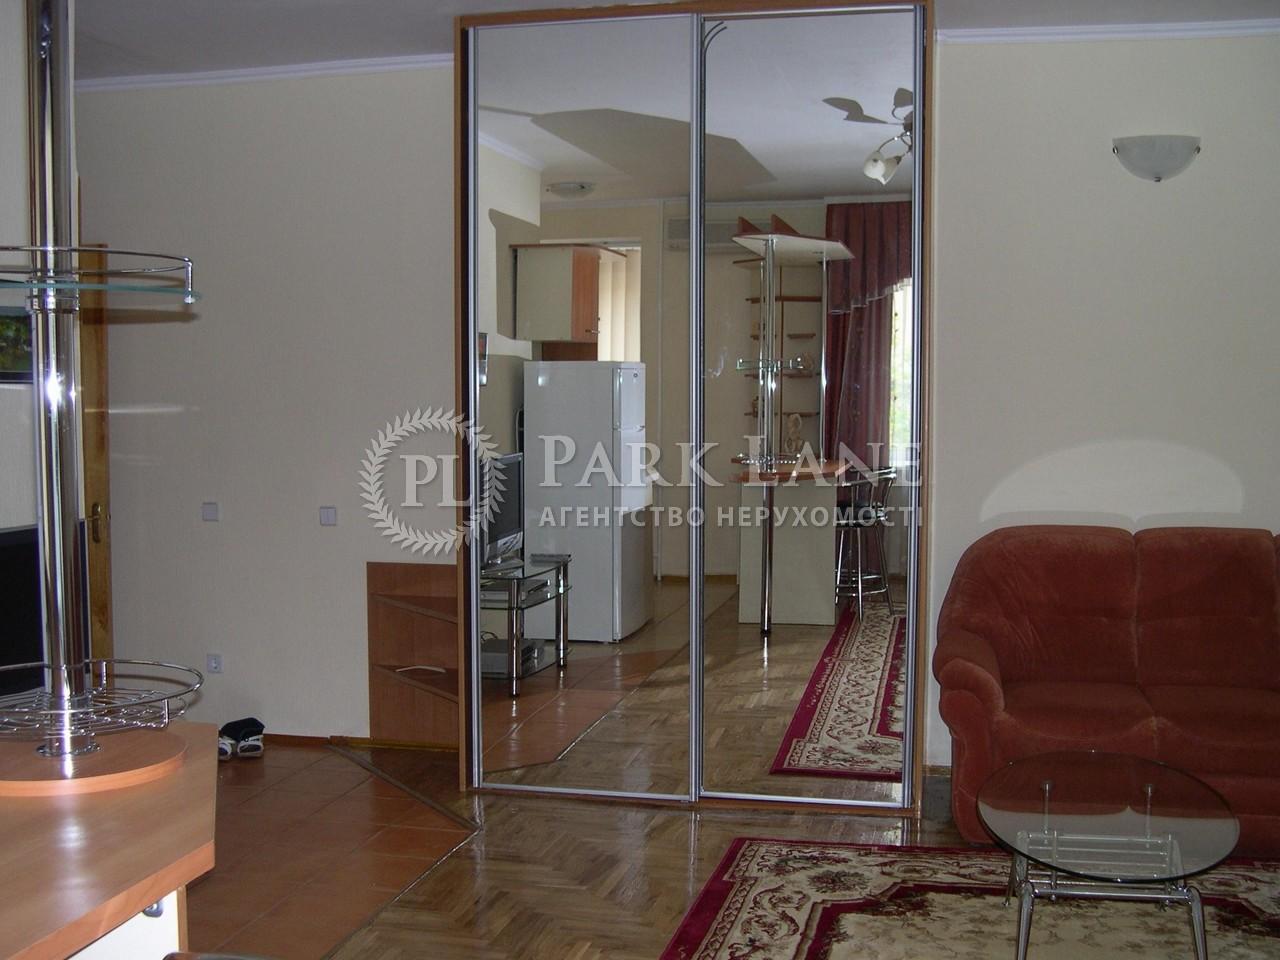 Квартира ул. Малая Житомирская, 10, Киев, B-73441 - Фото 6